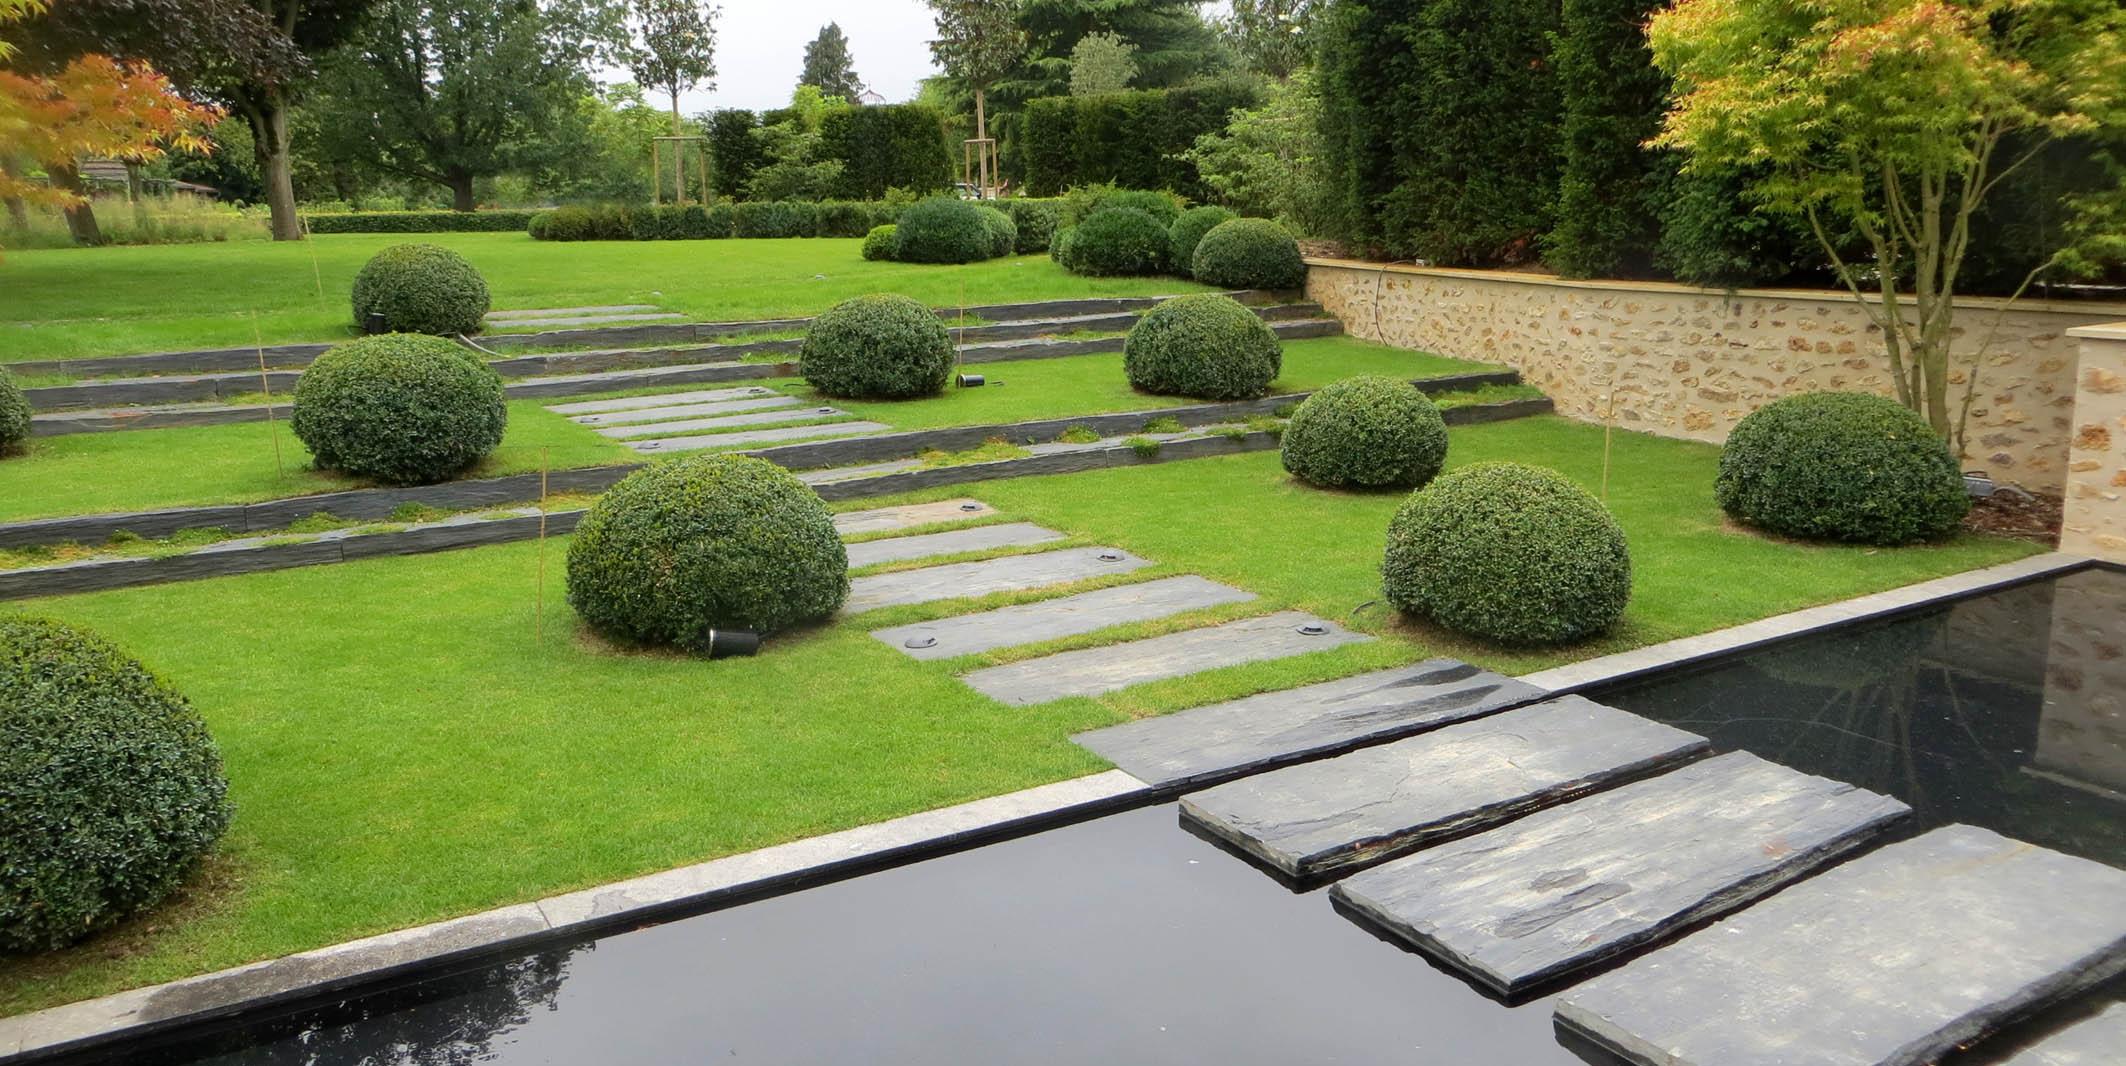 Cr ations entre ciel et vert for Jardin 6